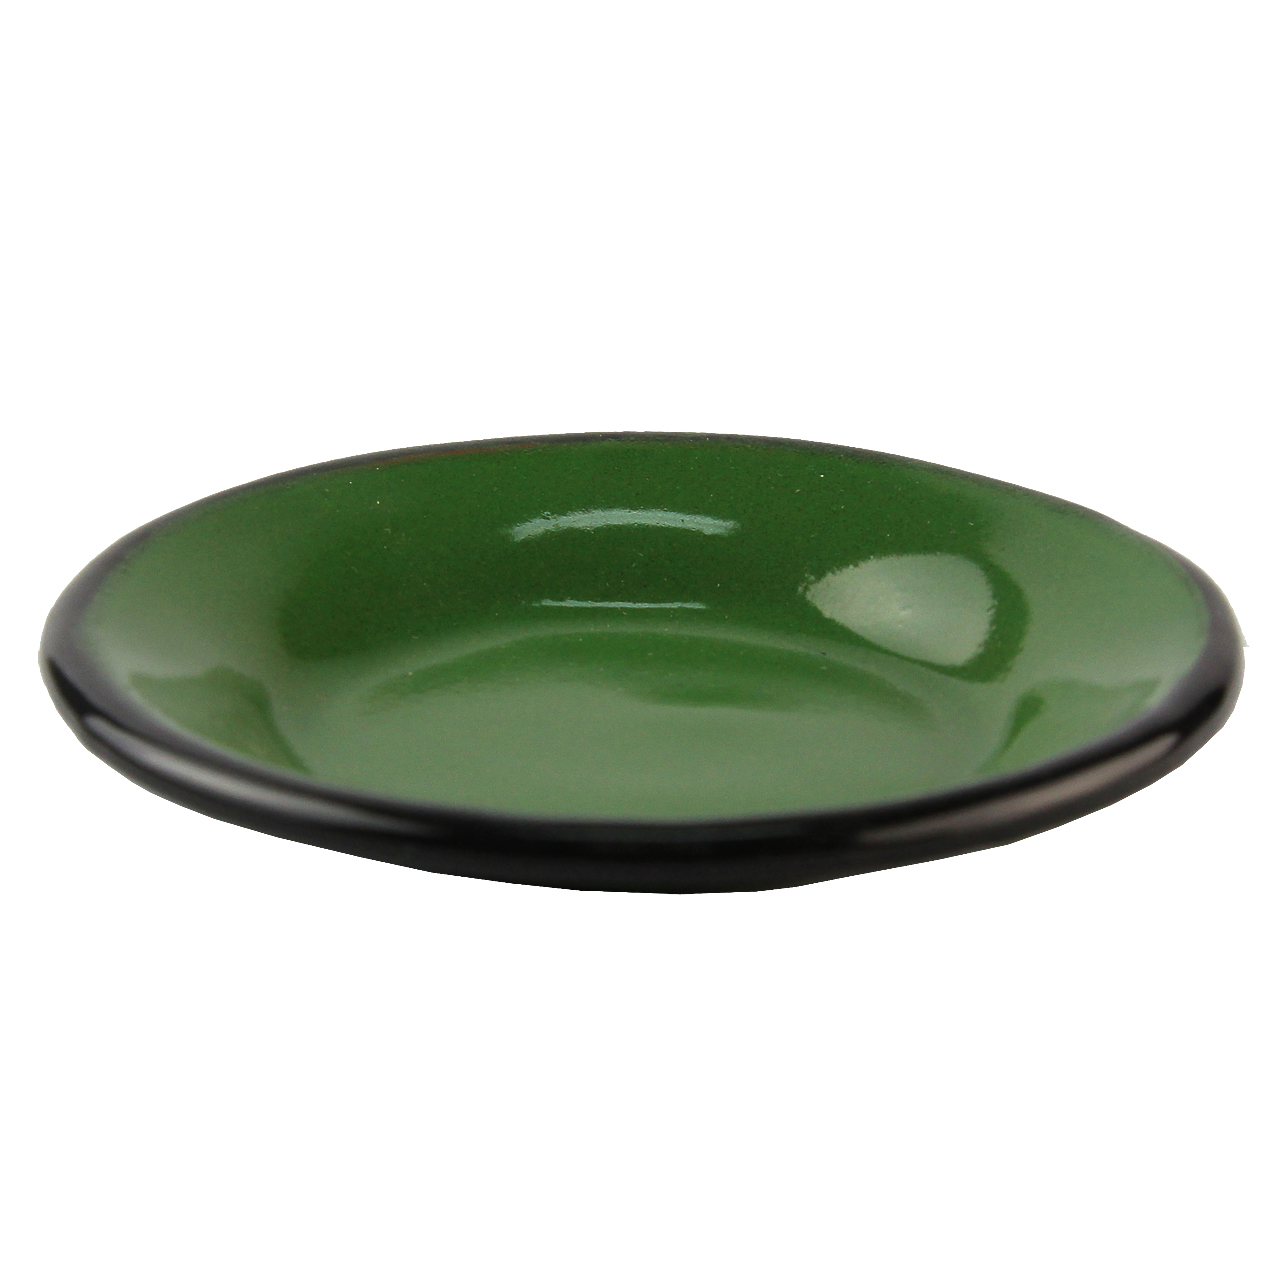 Farfurie Din Metal Verde 9 Cm